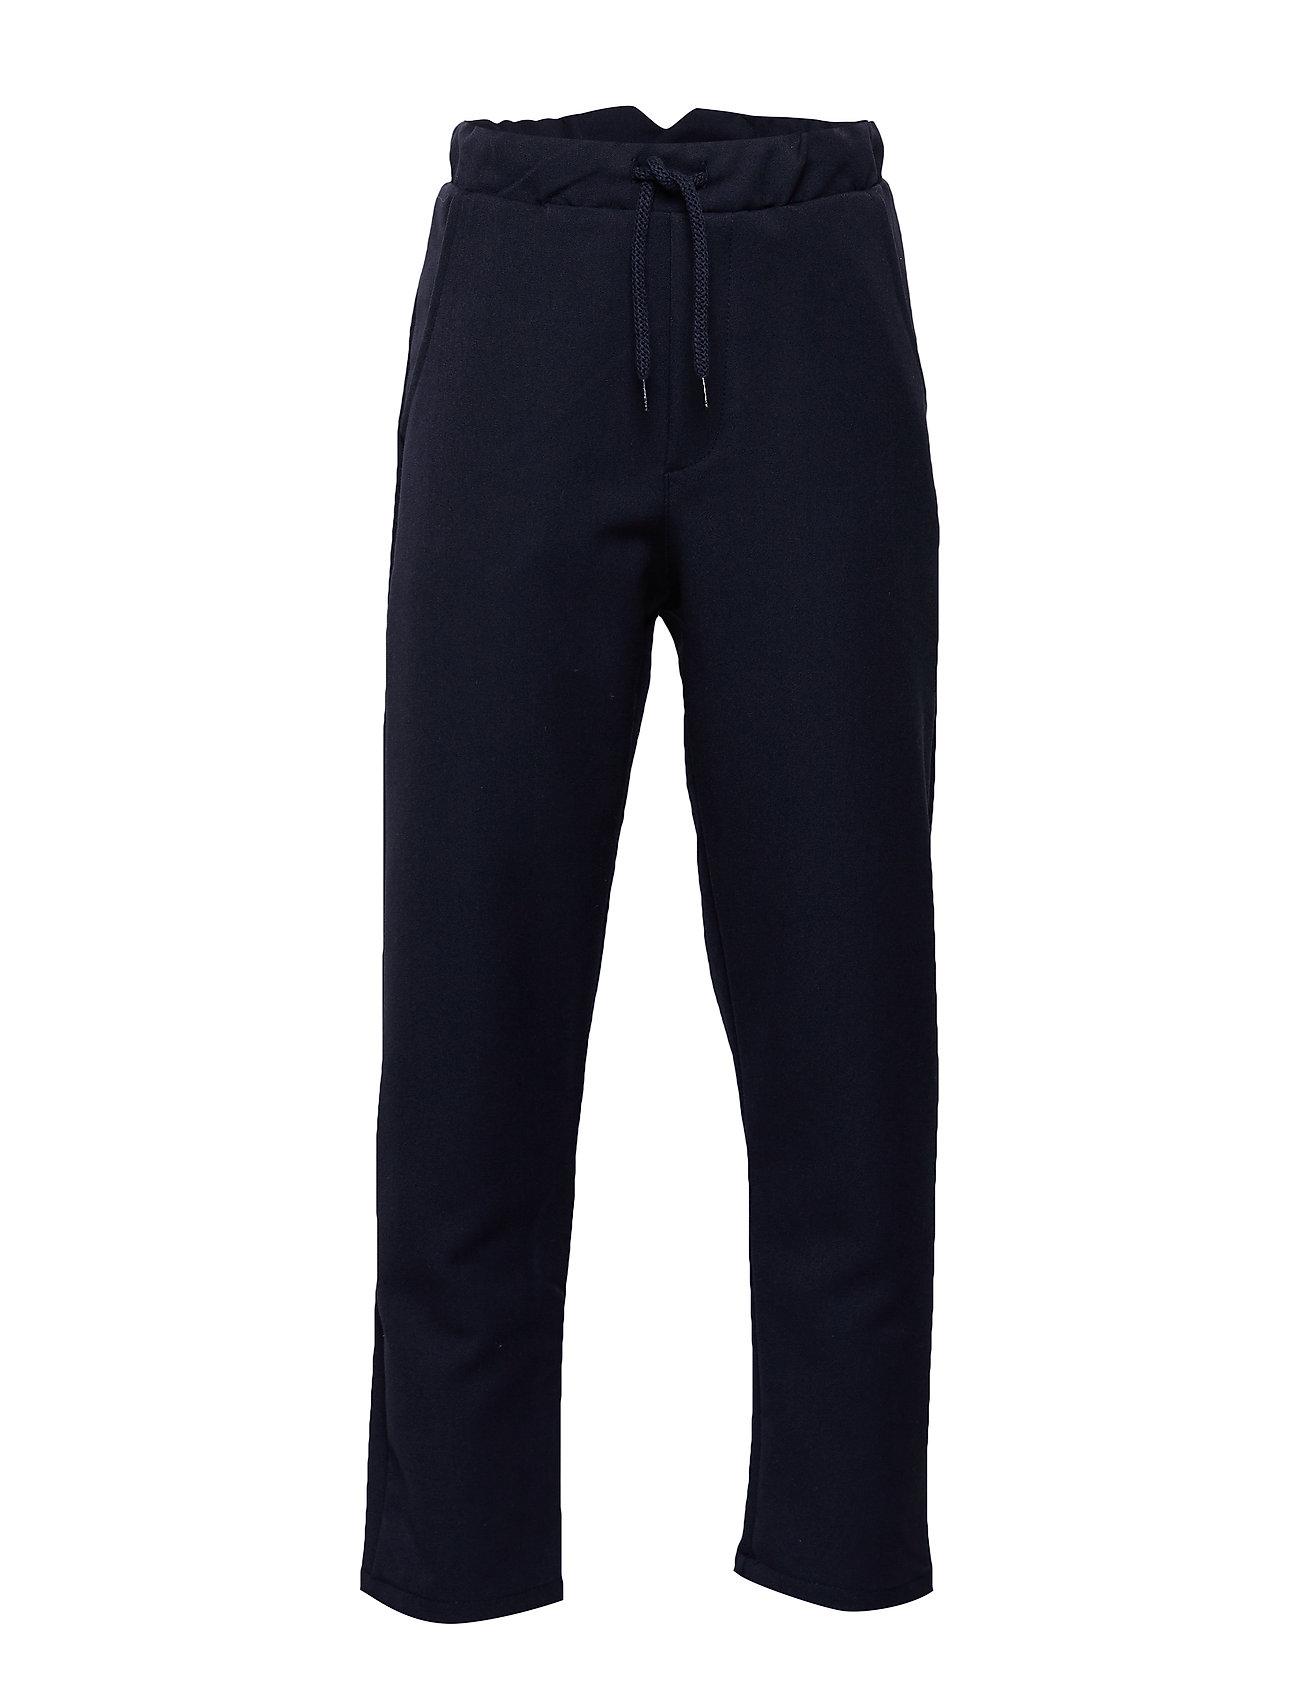 Mini A Ture Leonardo Pants, K - CARBON